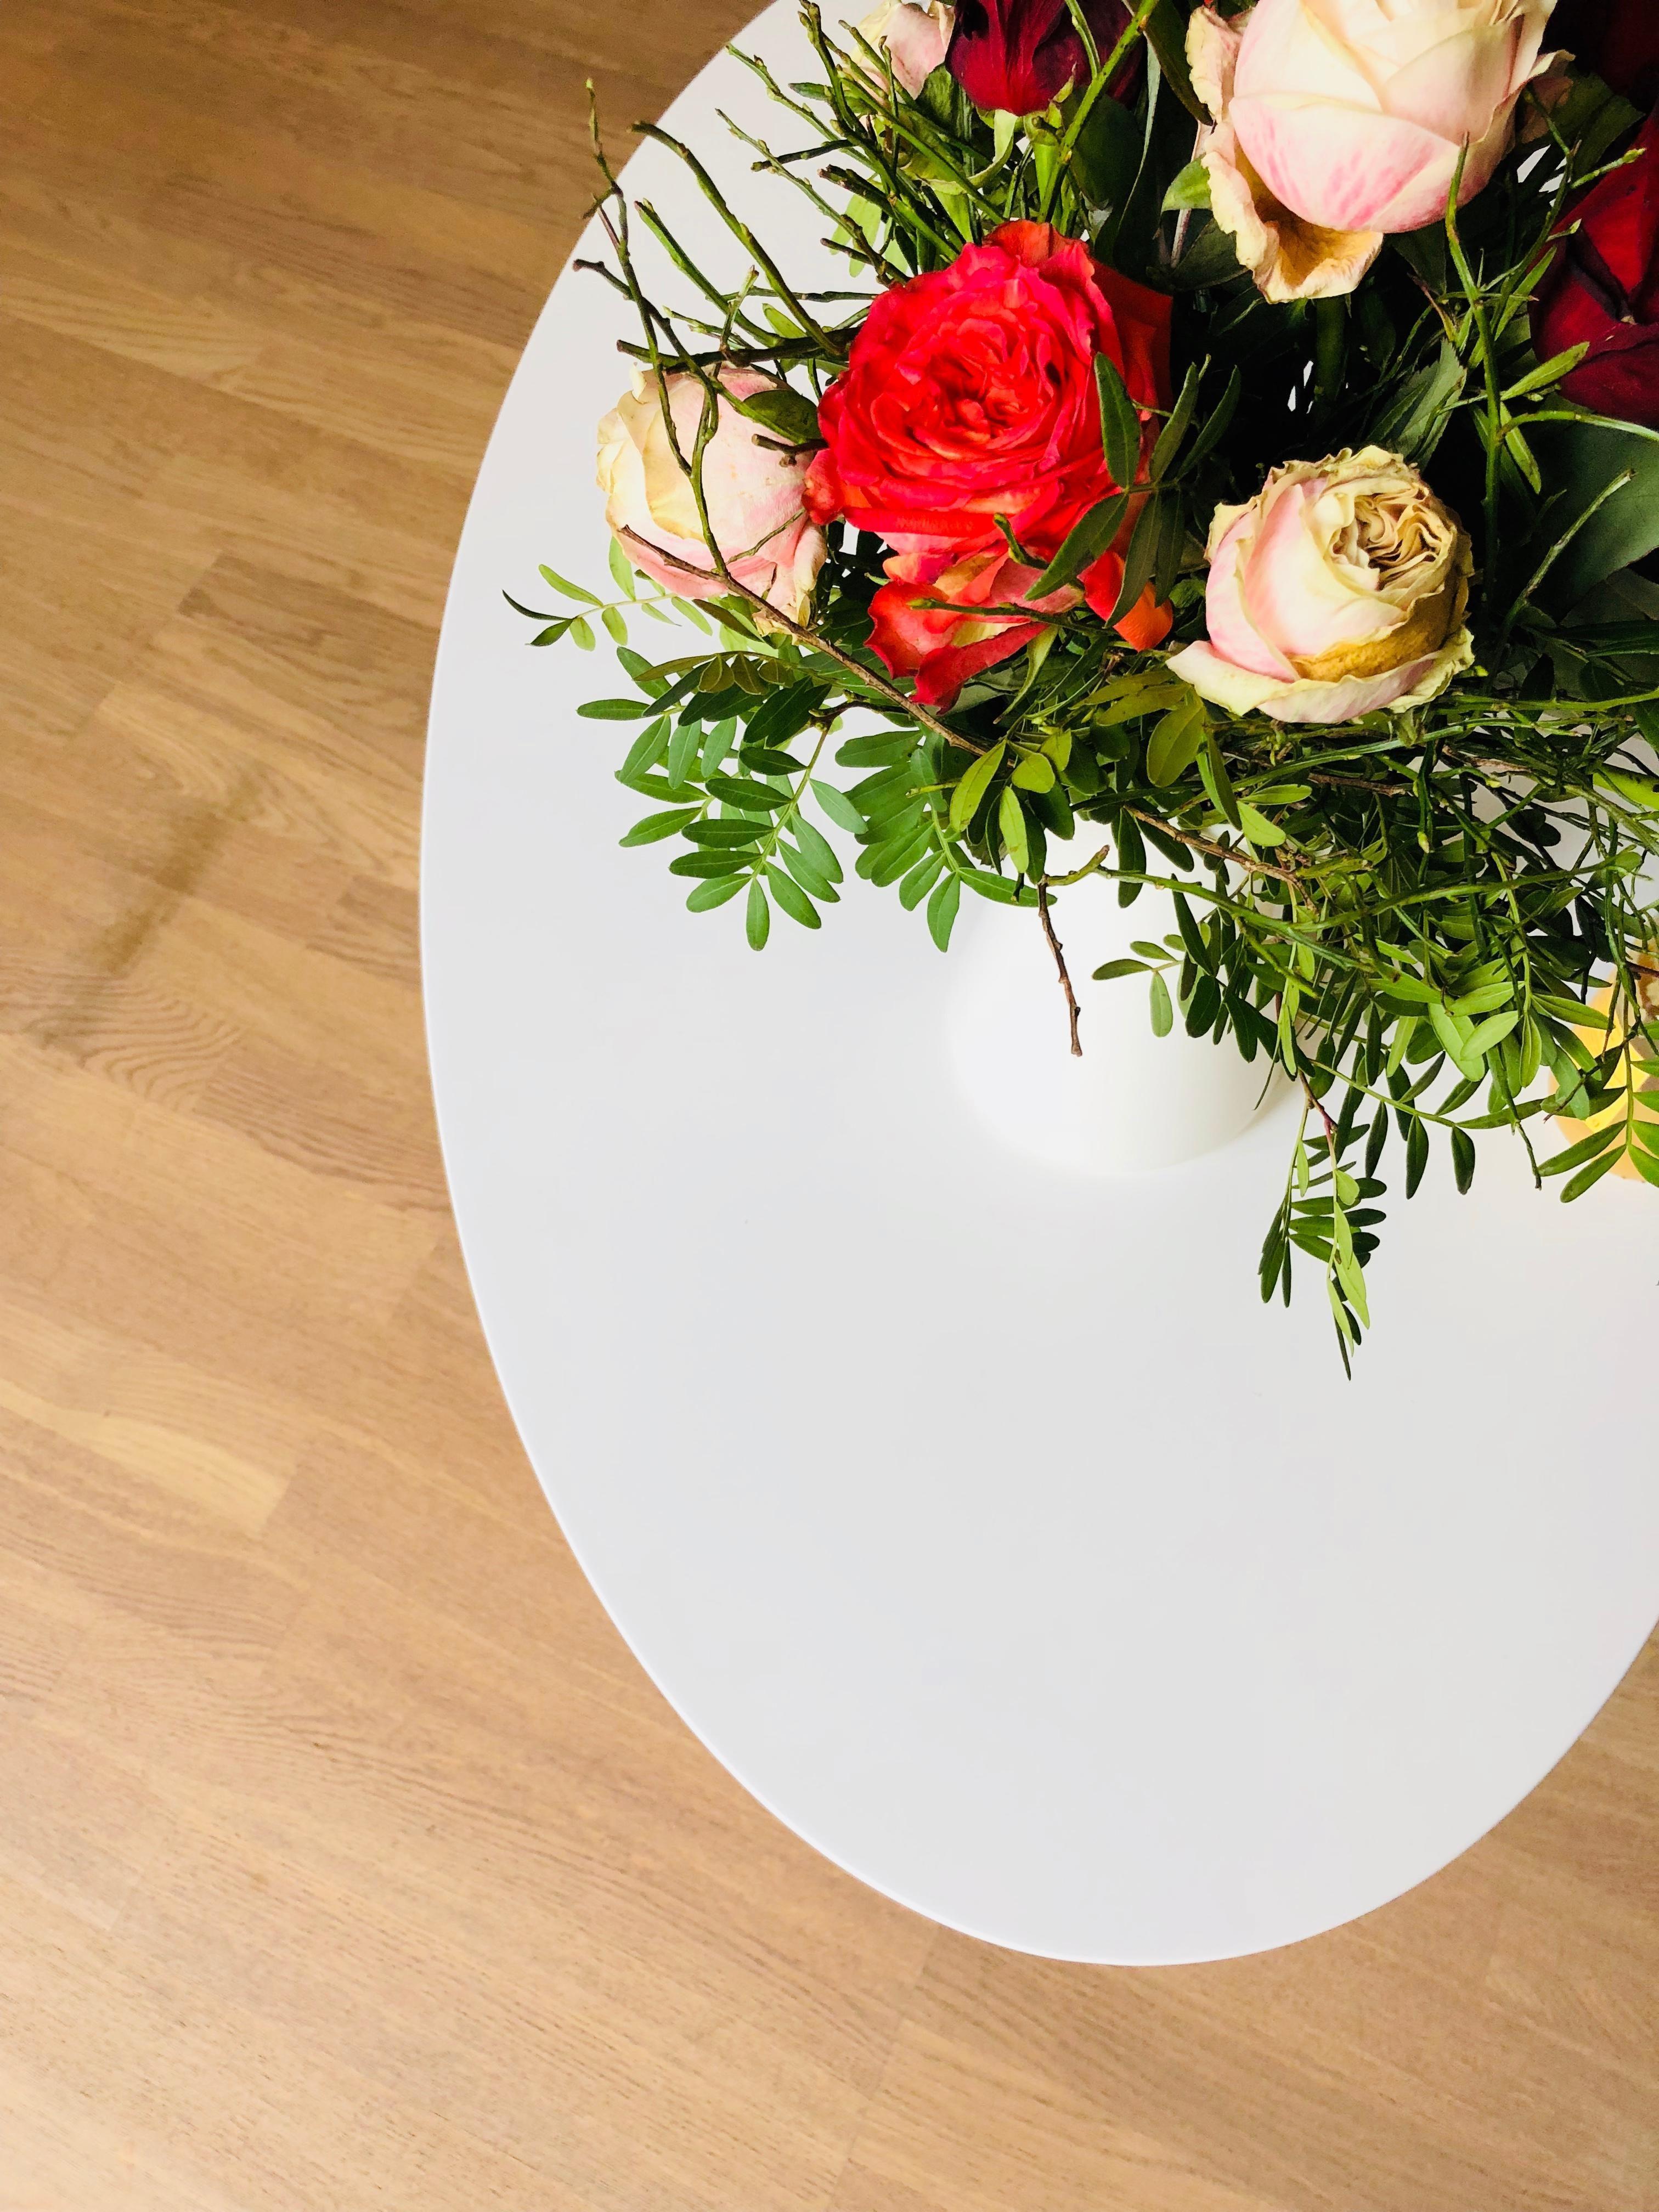 Wuensche Euch Einen Guten Start In Die Woche Blumen Montag Rosen Couchtisch  Dcbece94 B670 43d0 87d2